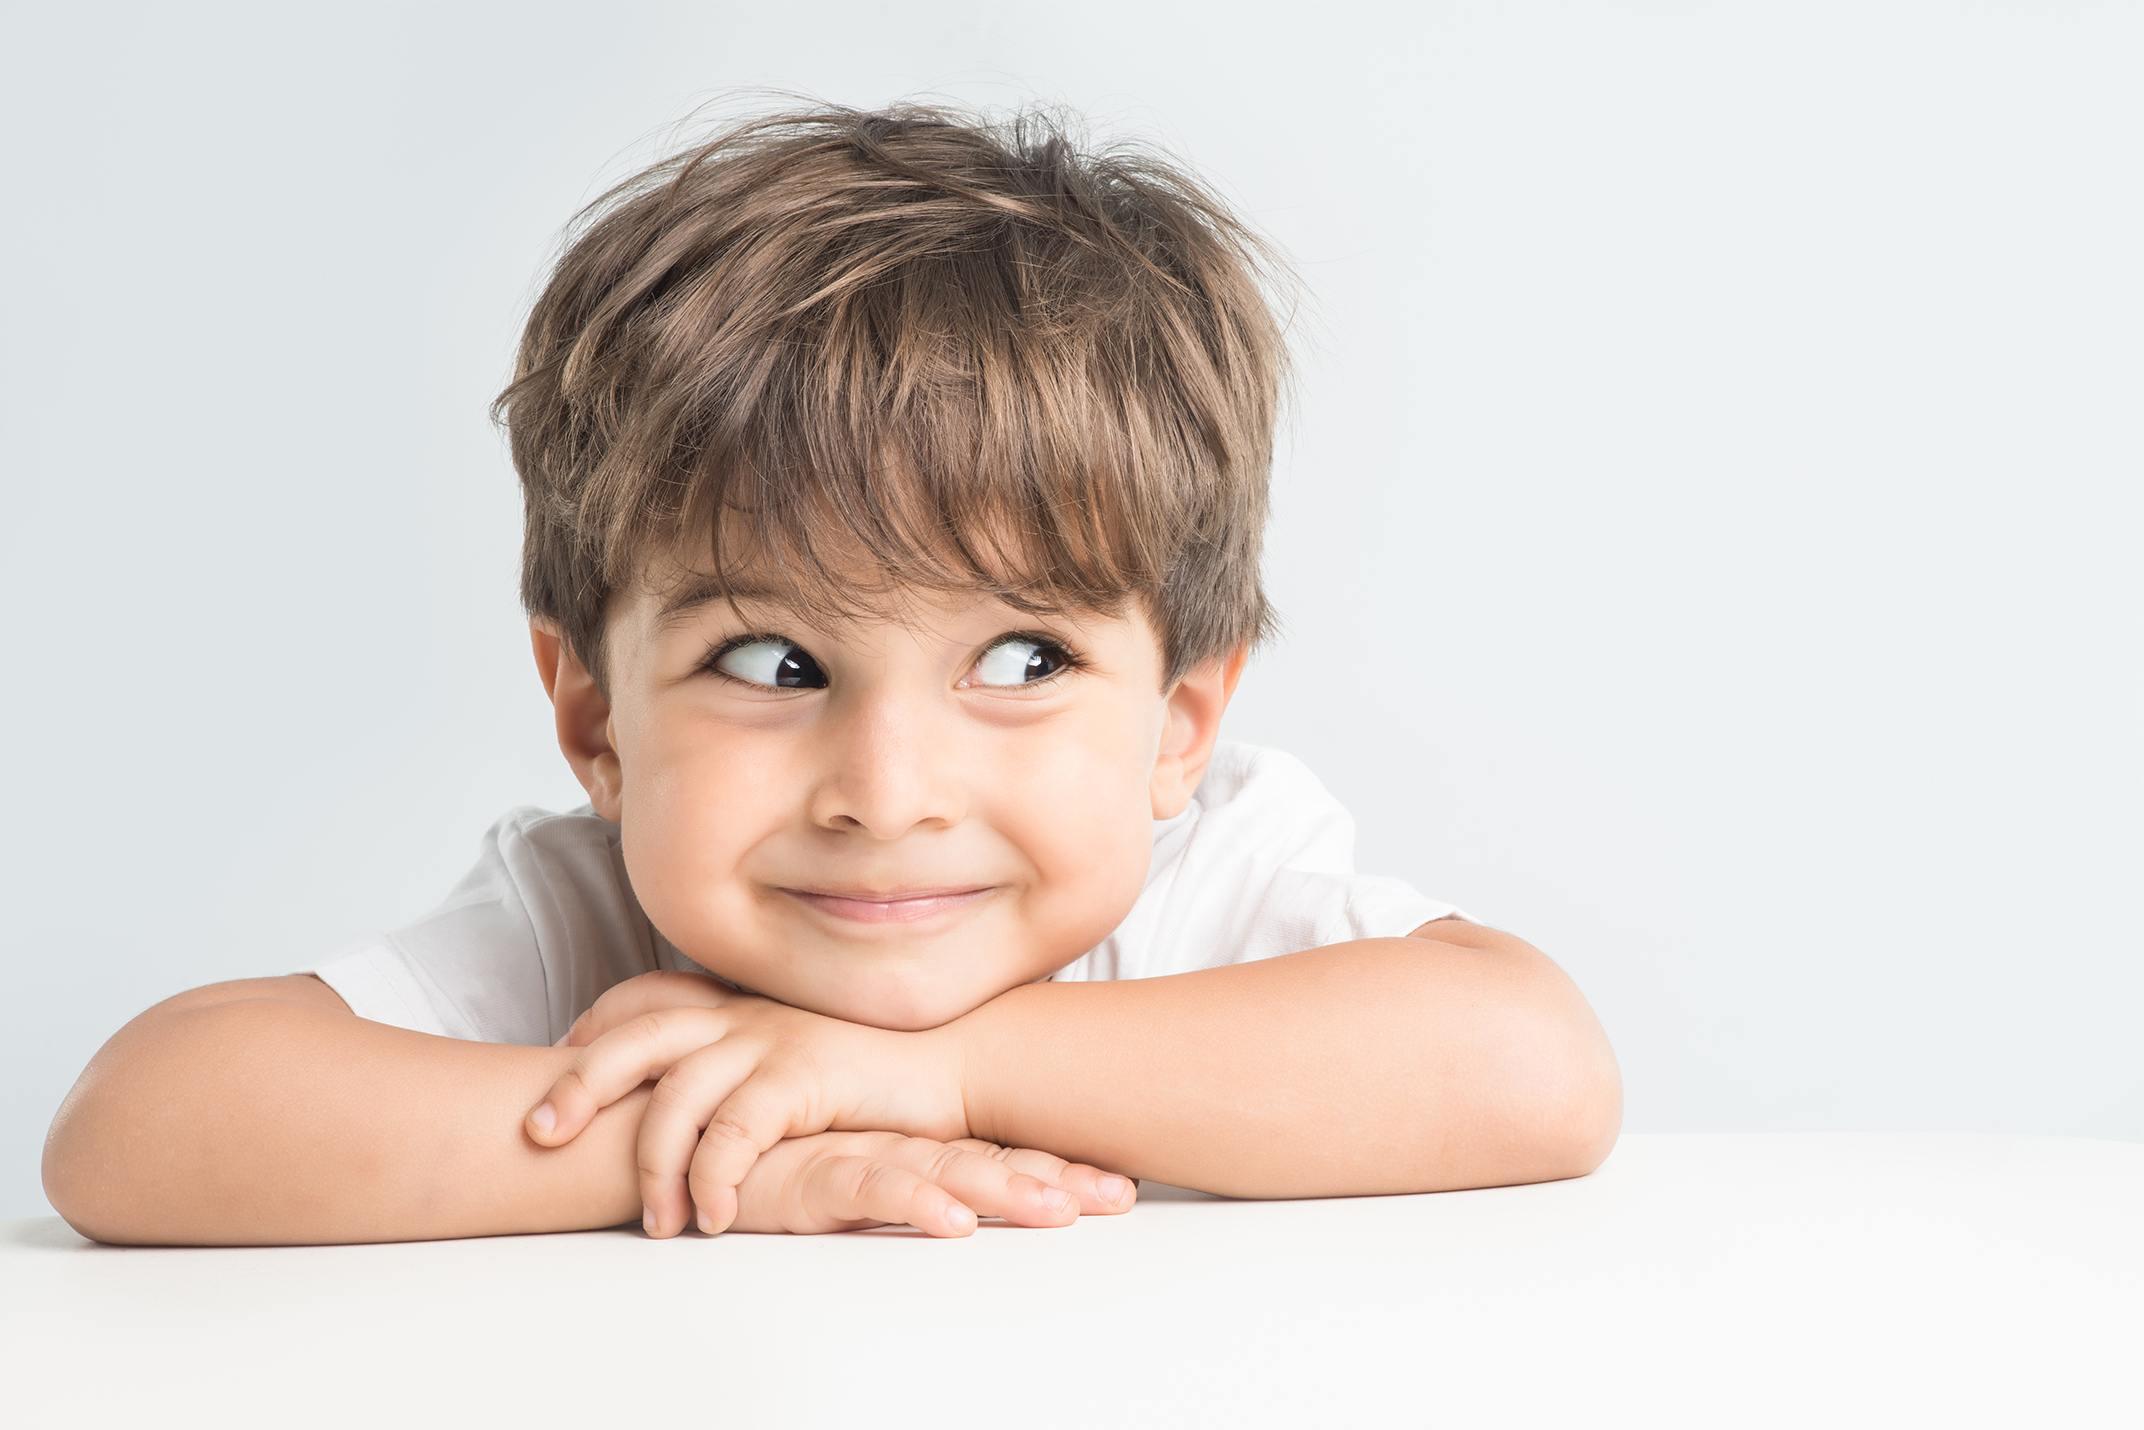 Formulação de Filtro Solar Mais Adequado para Crianças